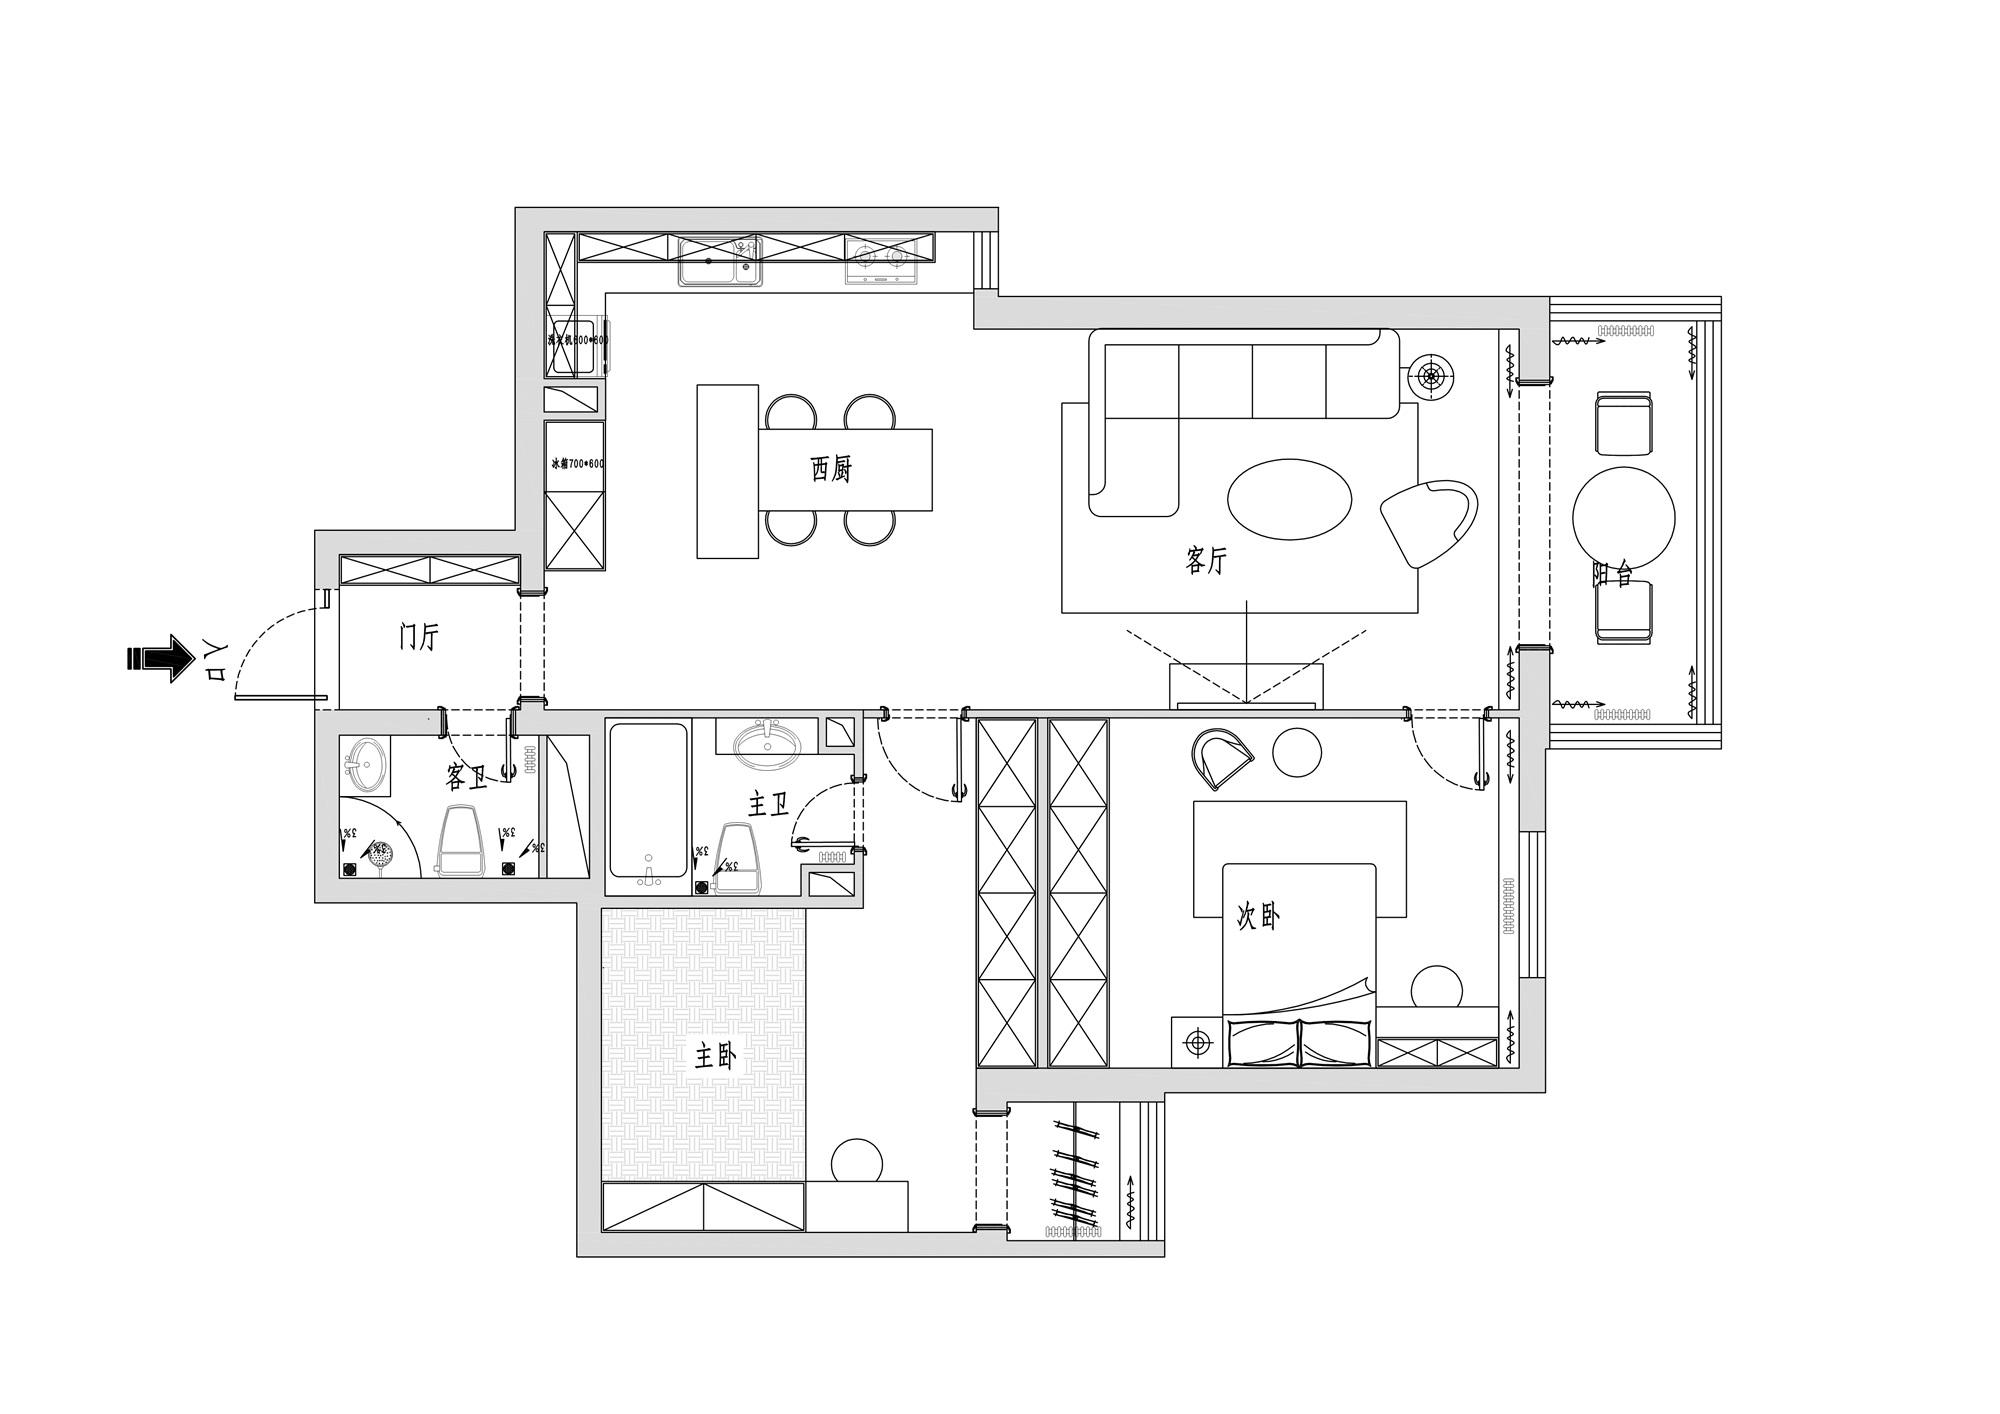 美丽园-117平米-现代风格装修效果图装修设计理念